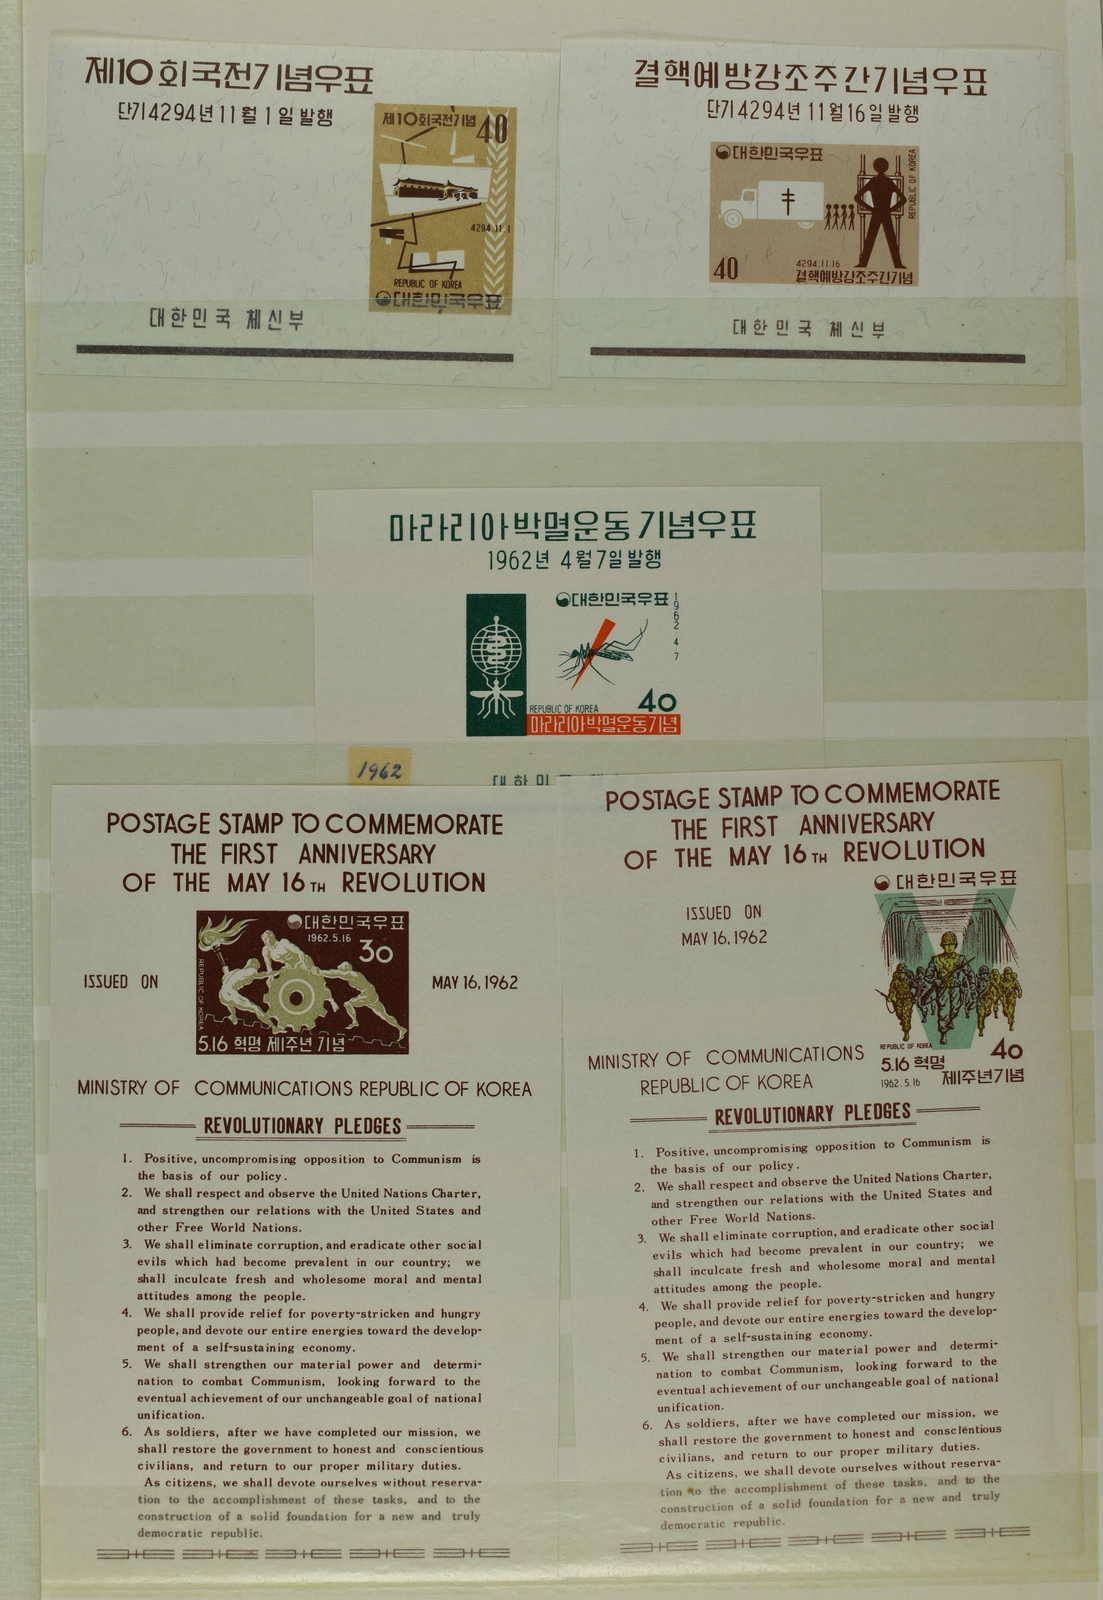 Lot 703 - sammlungen und posten sammlungen und posten asien -  Schwarzenbach Auktion Zurich 67th Auction - Session II